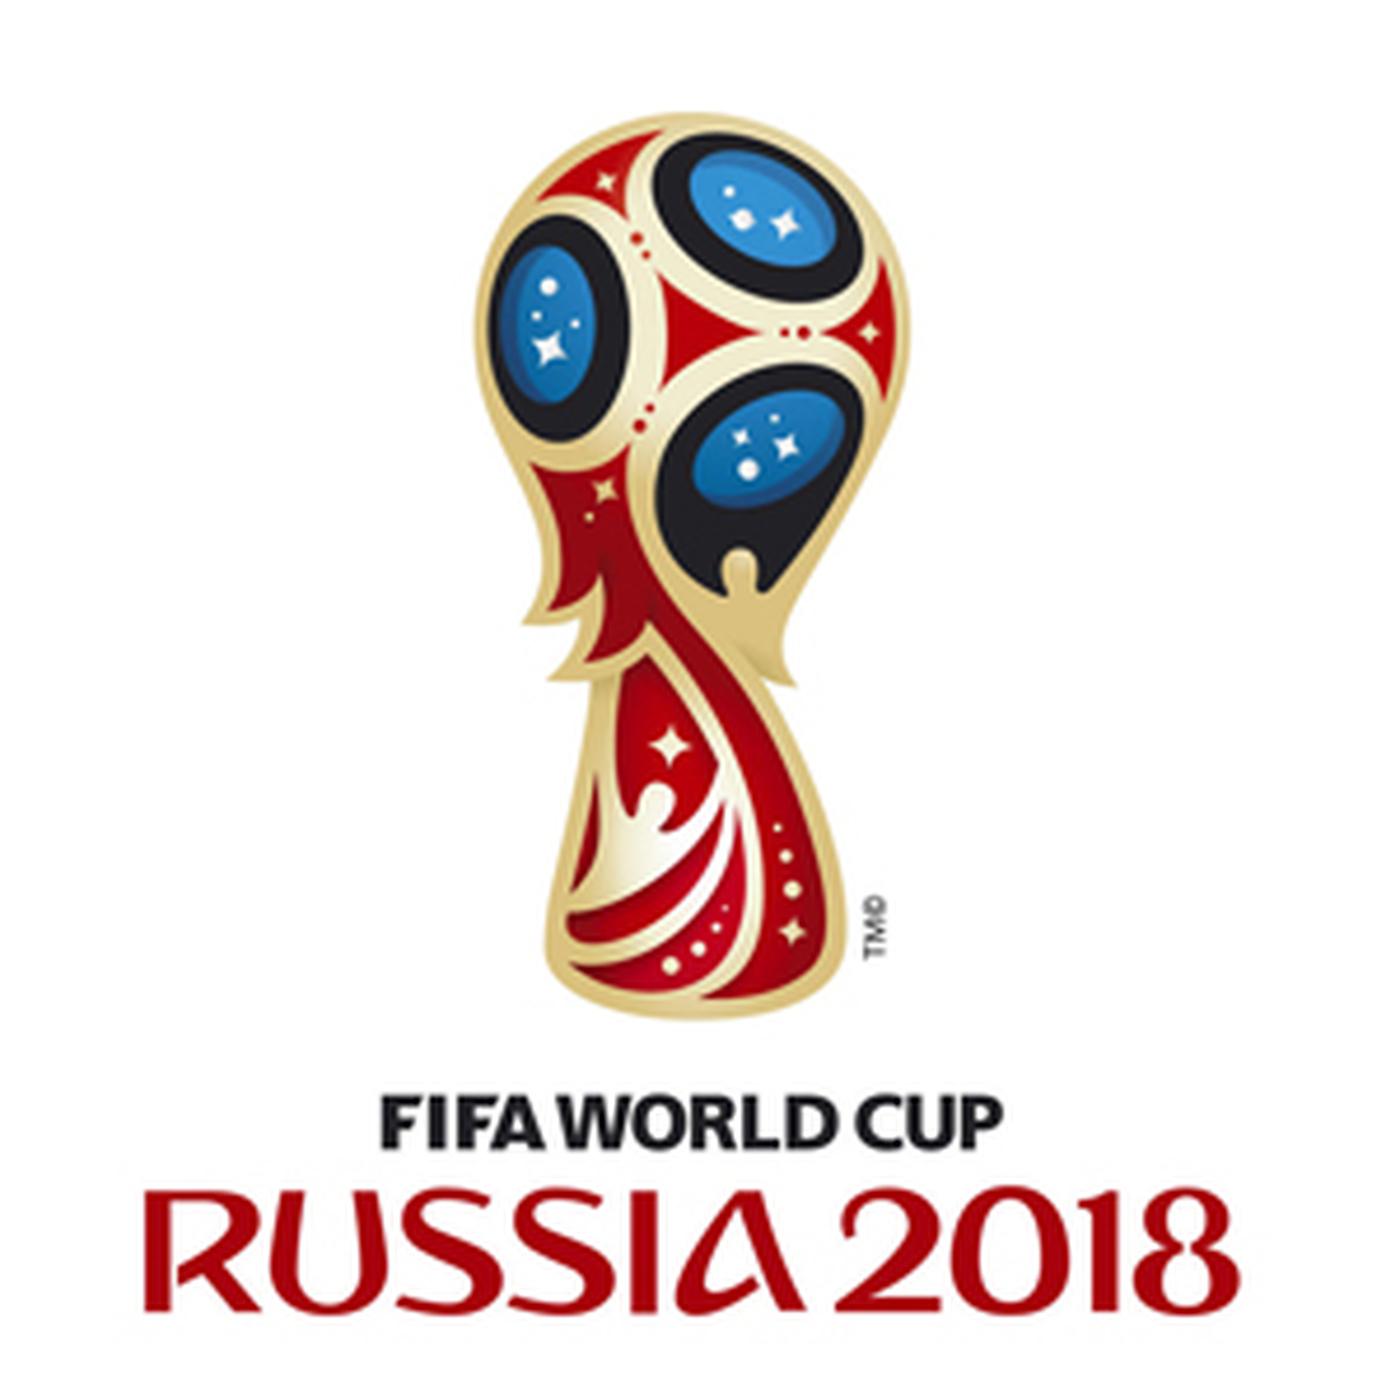 Второй финалист ЧМ-2018 определится 11 июля на стадионе «Лужники»